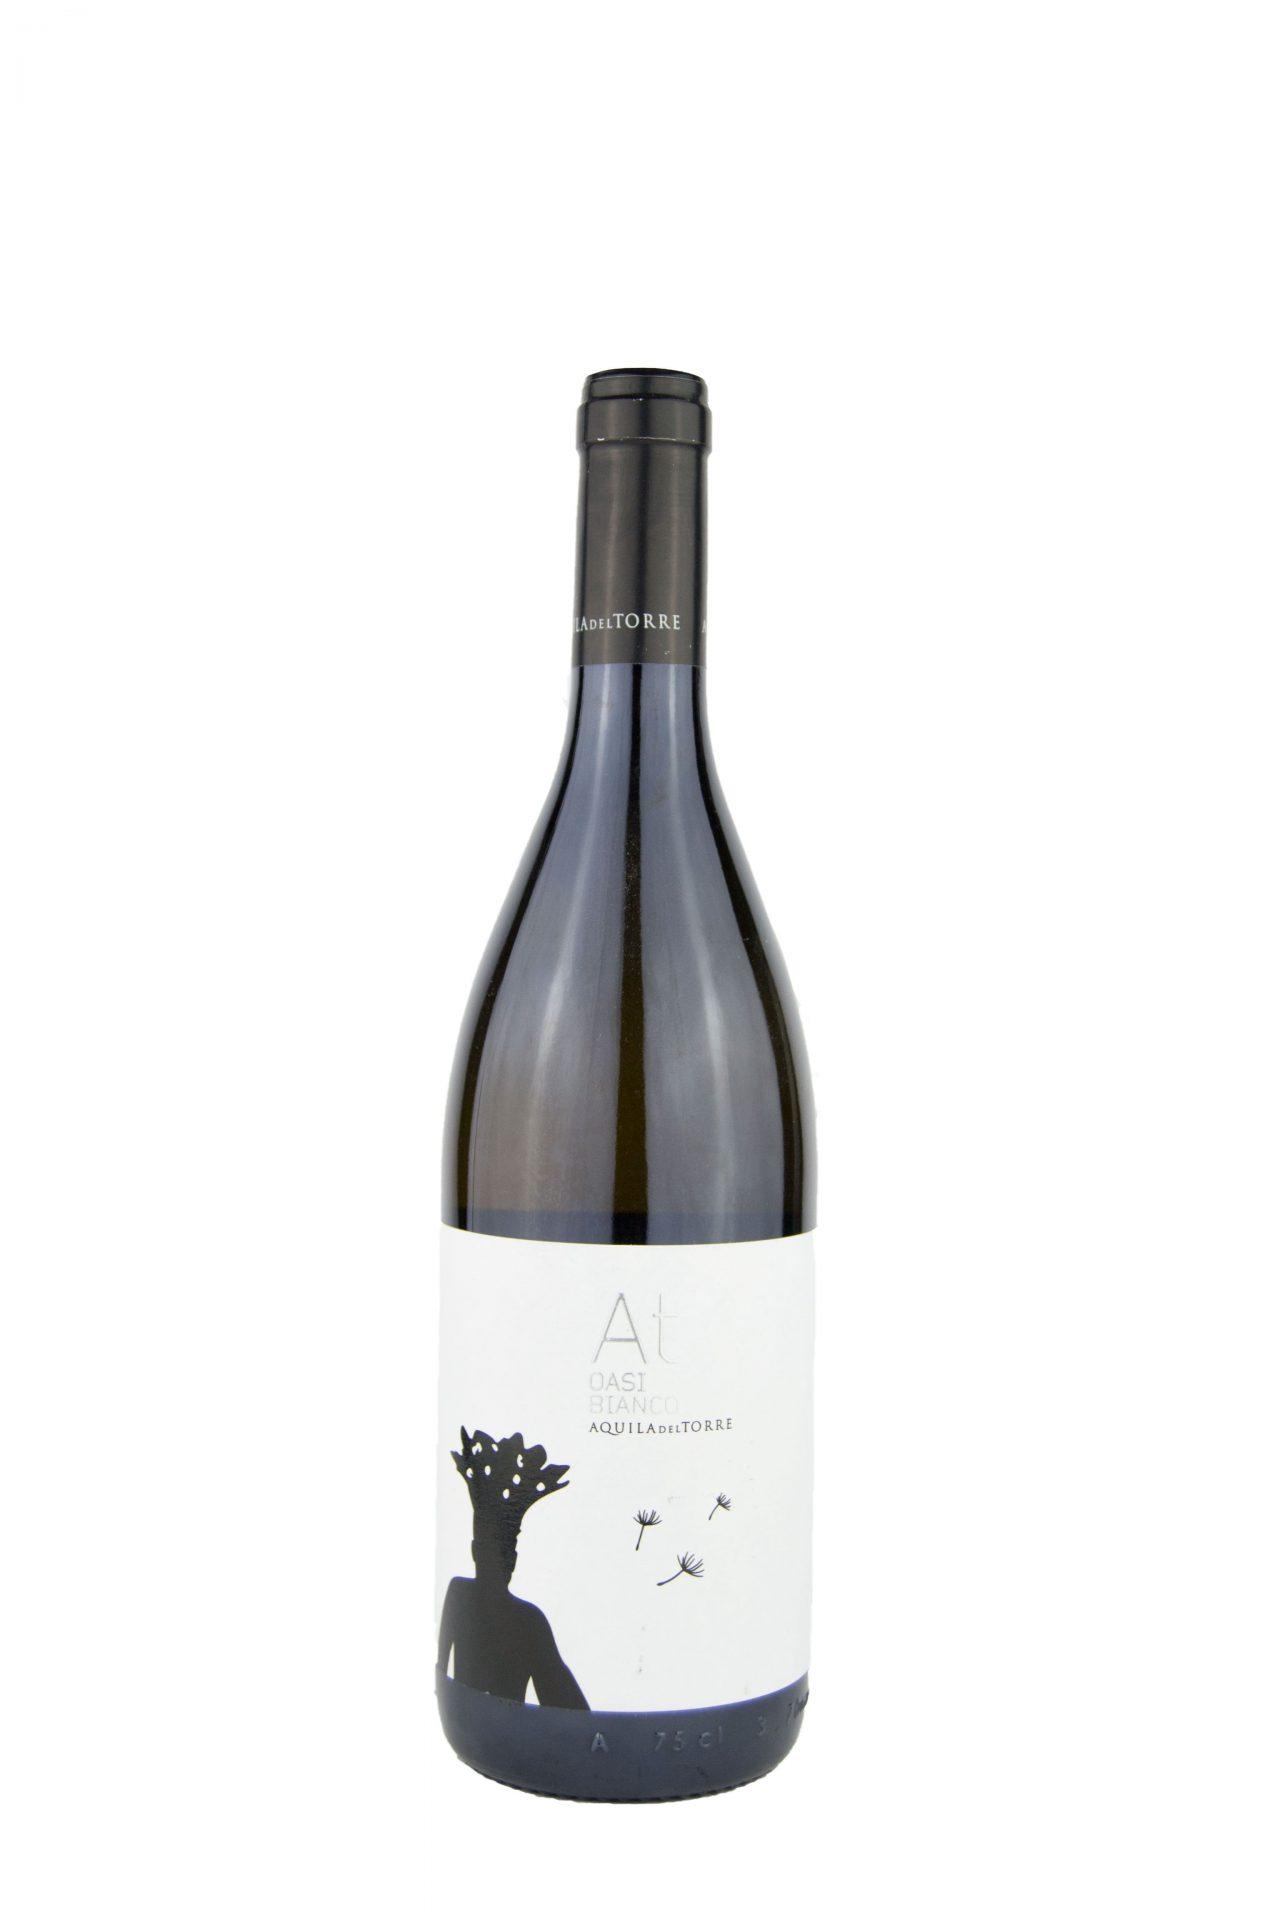 Aquila Del Torre – Oasi Bianco